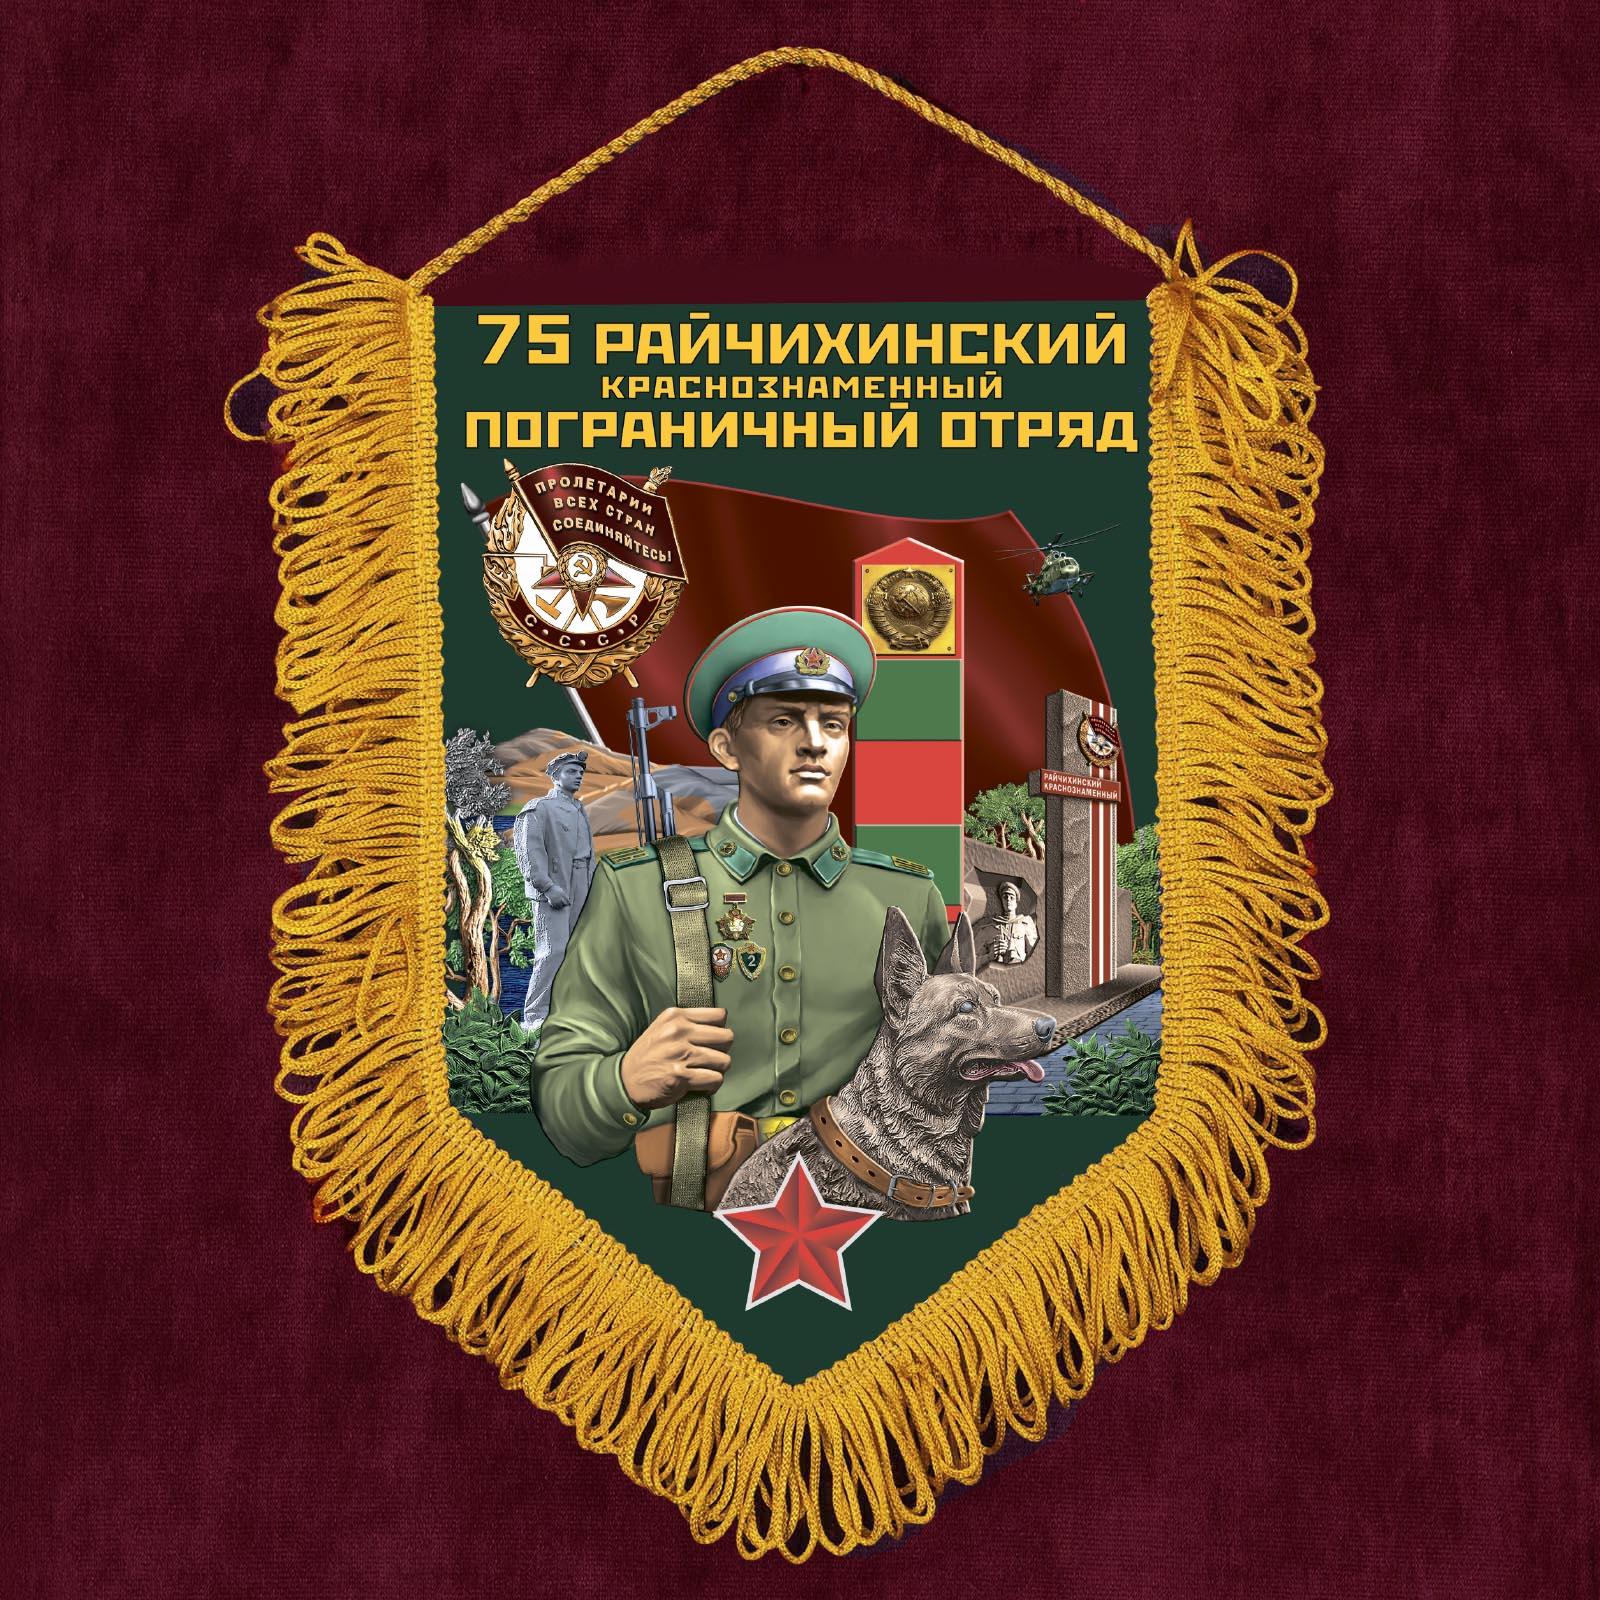 """Настенный вымпел """"75 Райчихинский пограничный отряд"""""""